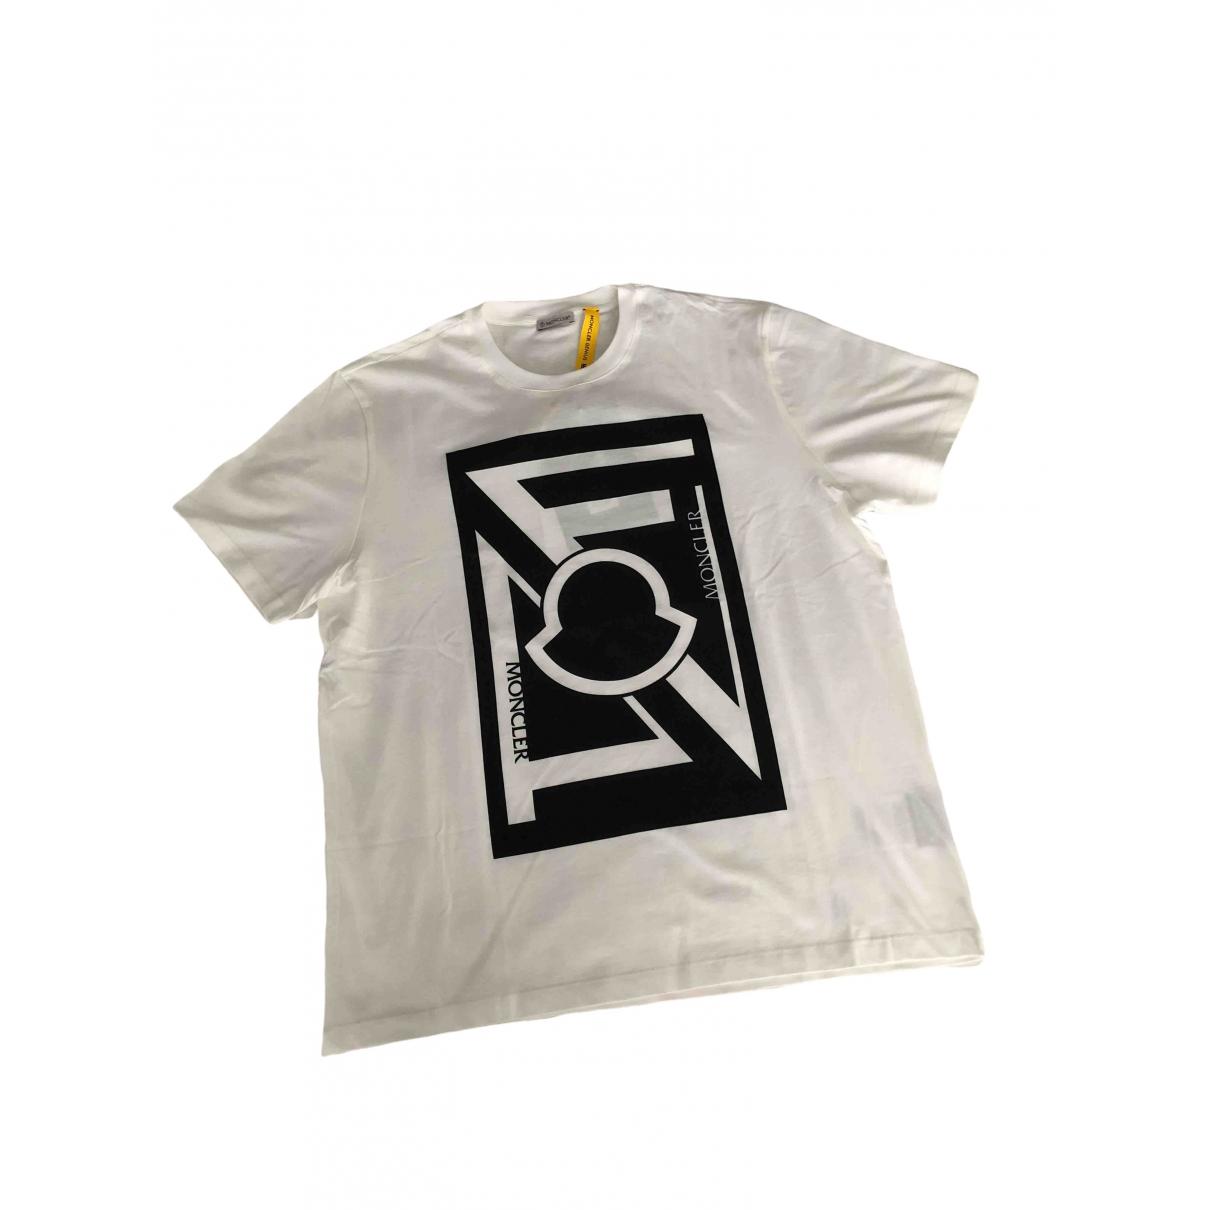 Moncler Genius - Tee shirts   pour homme en coton - blanc